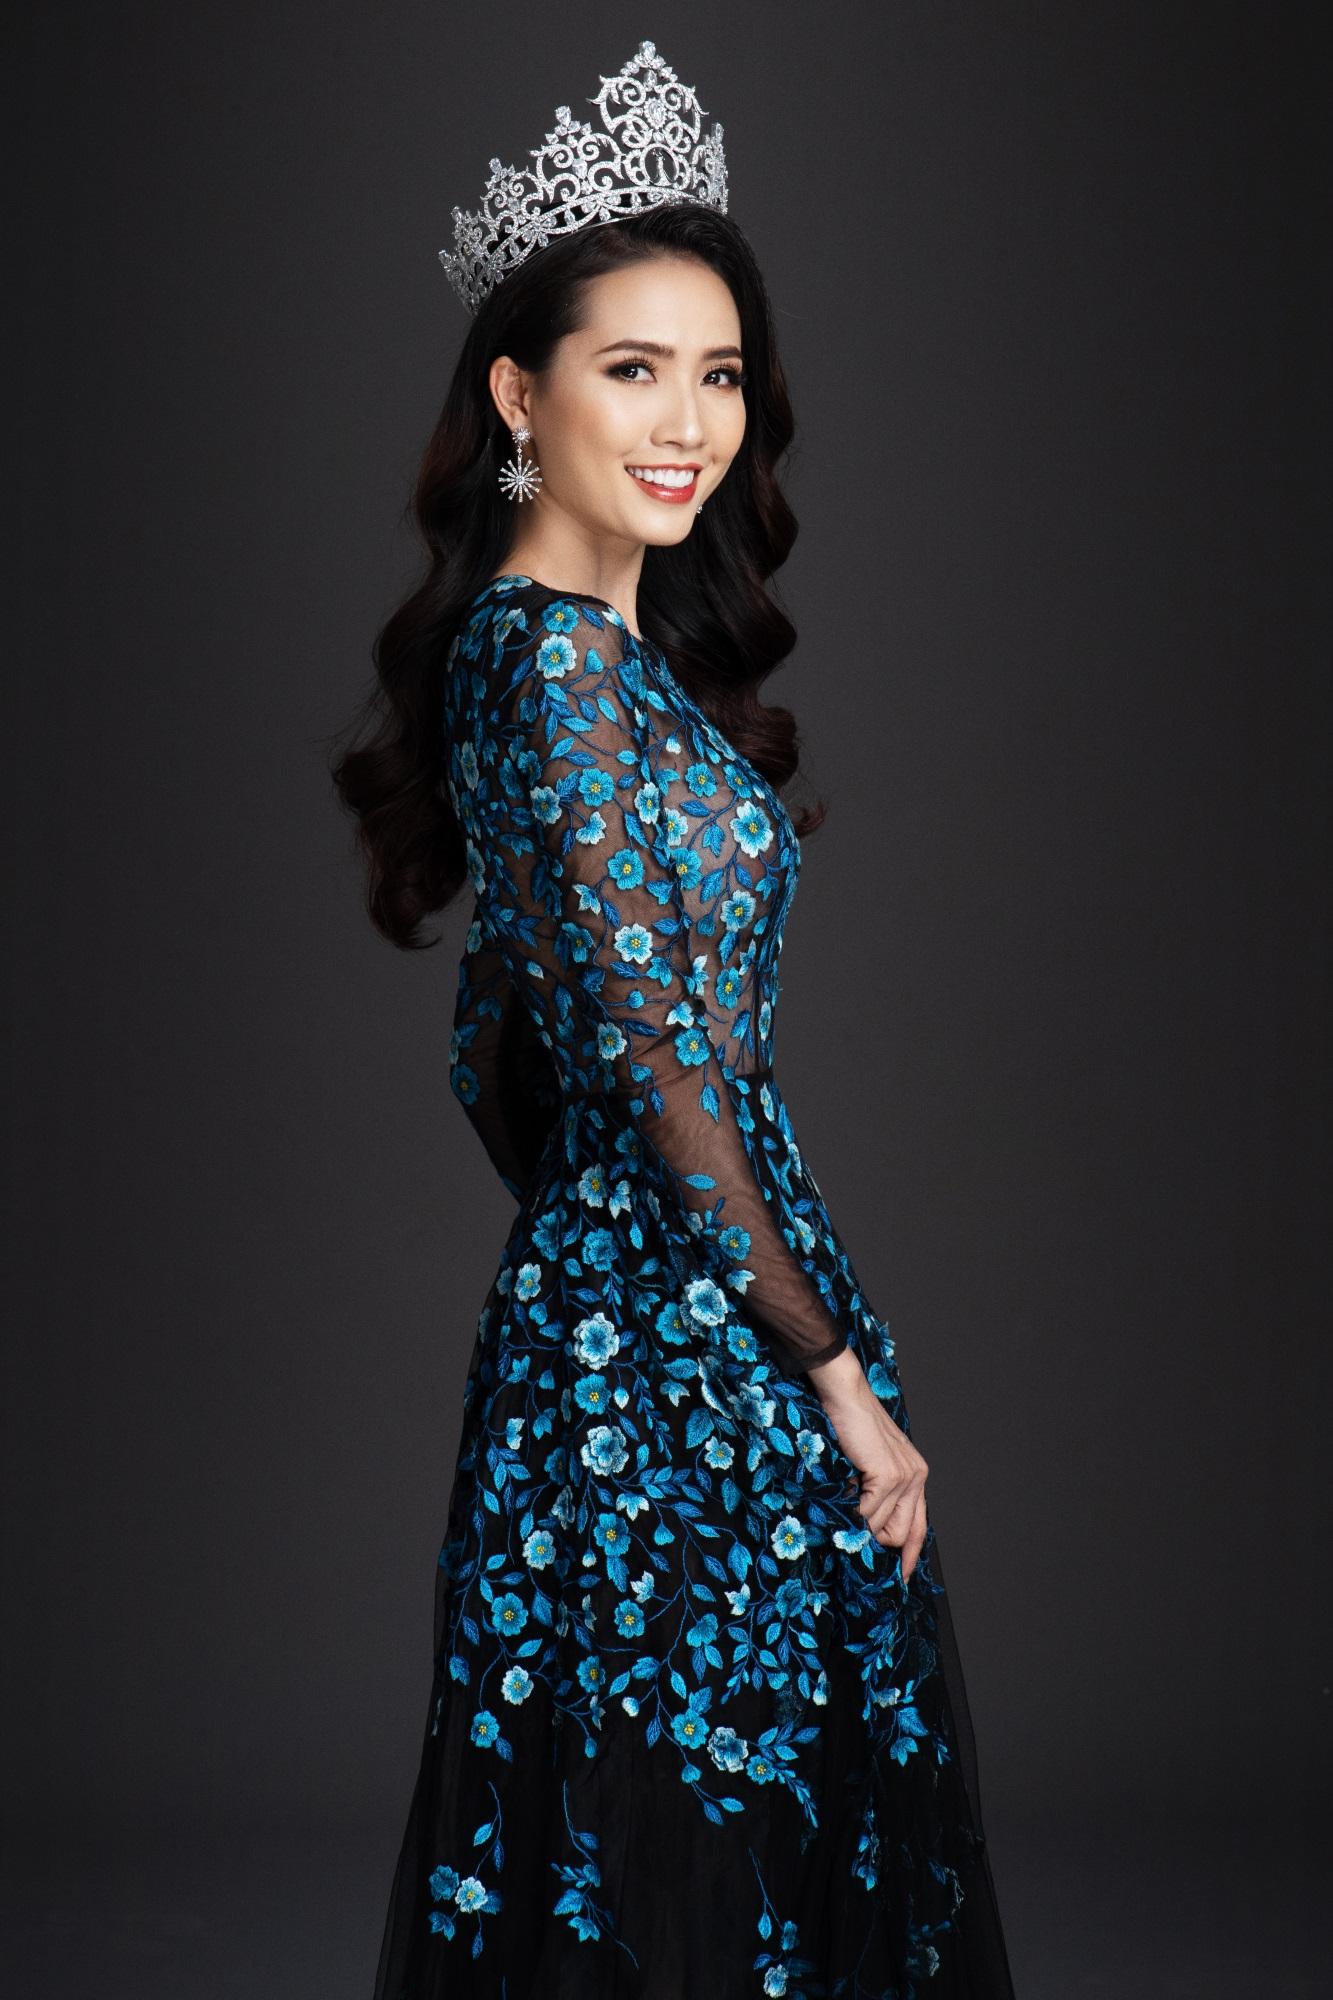 Phan Thị Mơ dẫn đầu bình chọn Nữ diễn viên truyền hình xuất sắc nhất Mai Vàng 2018 - Ảnh 4